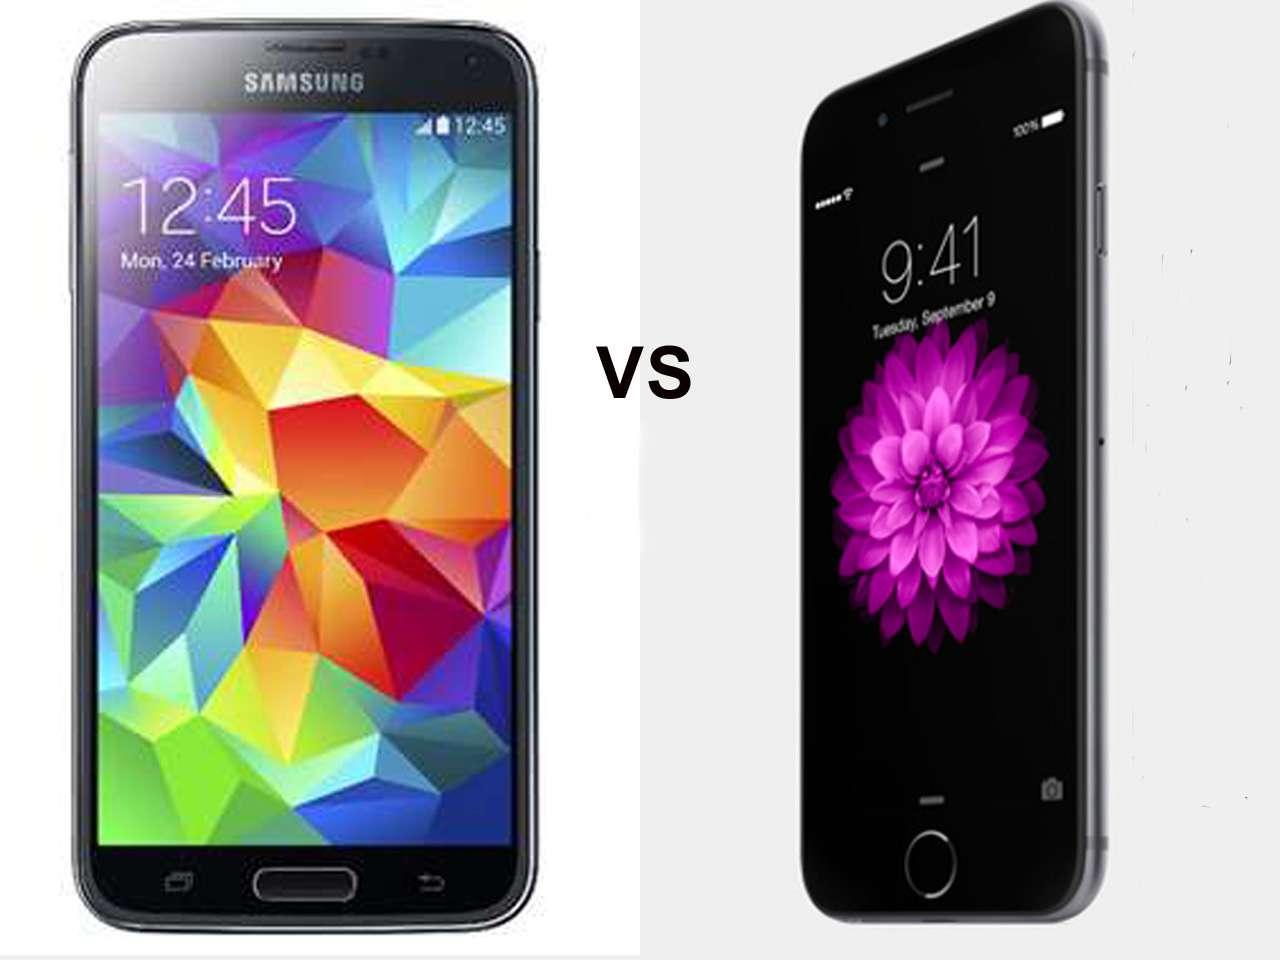 ¿Cuál es el mejor? Foto: Samsung/Apple